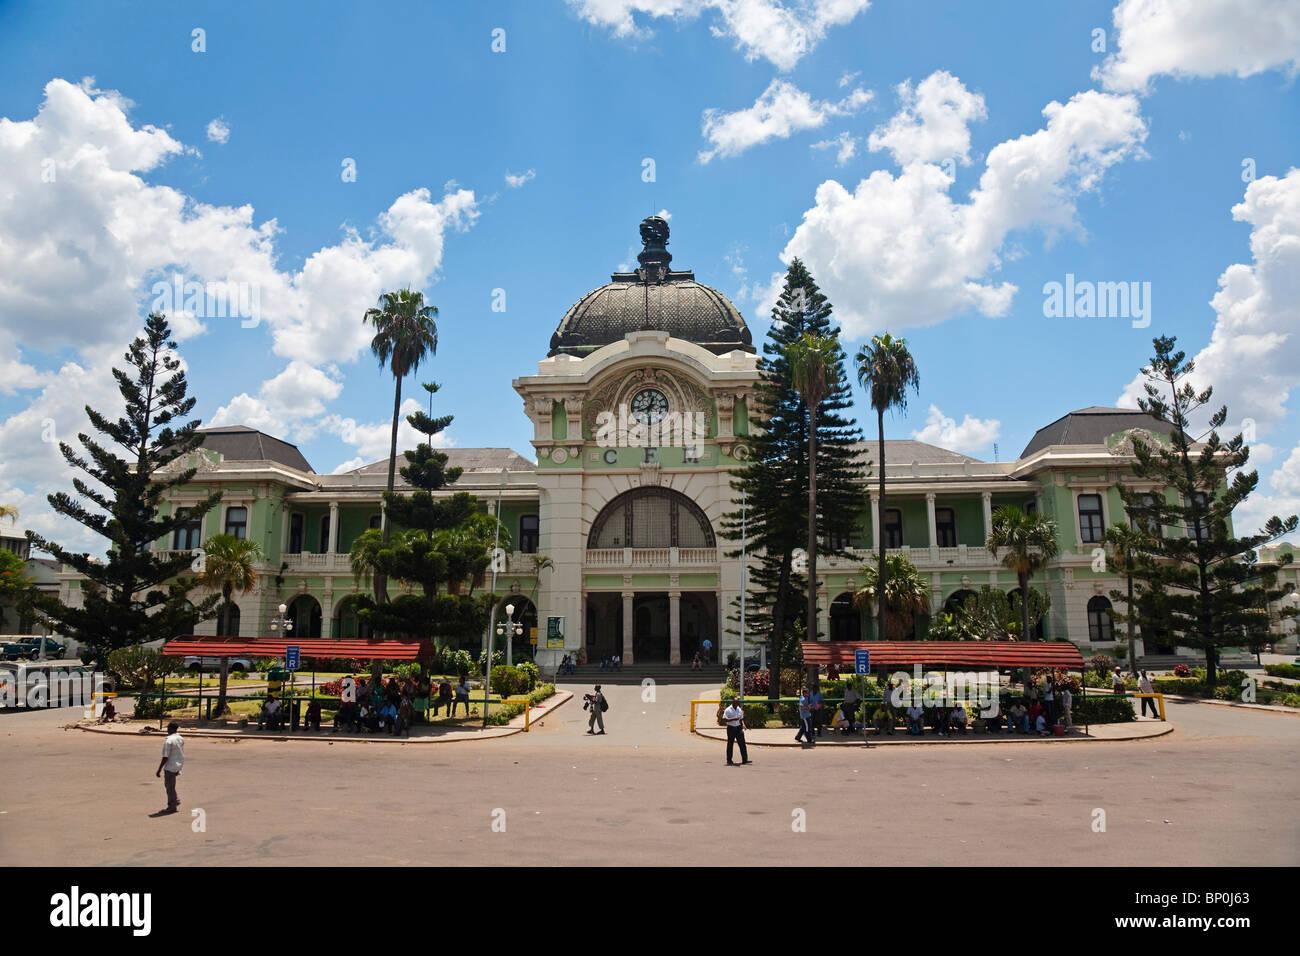 Mozambique, Maputo. L'ancienne gare, construit par Eiffel dans les années 1870 Photo Stock